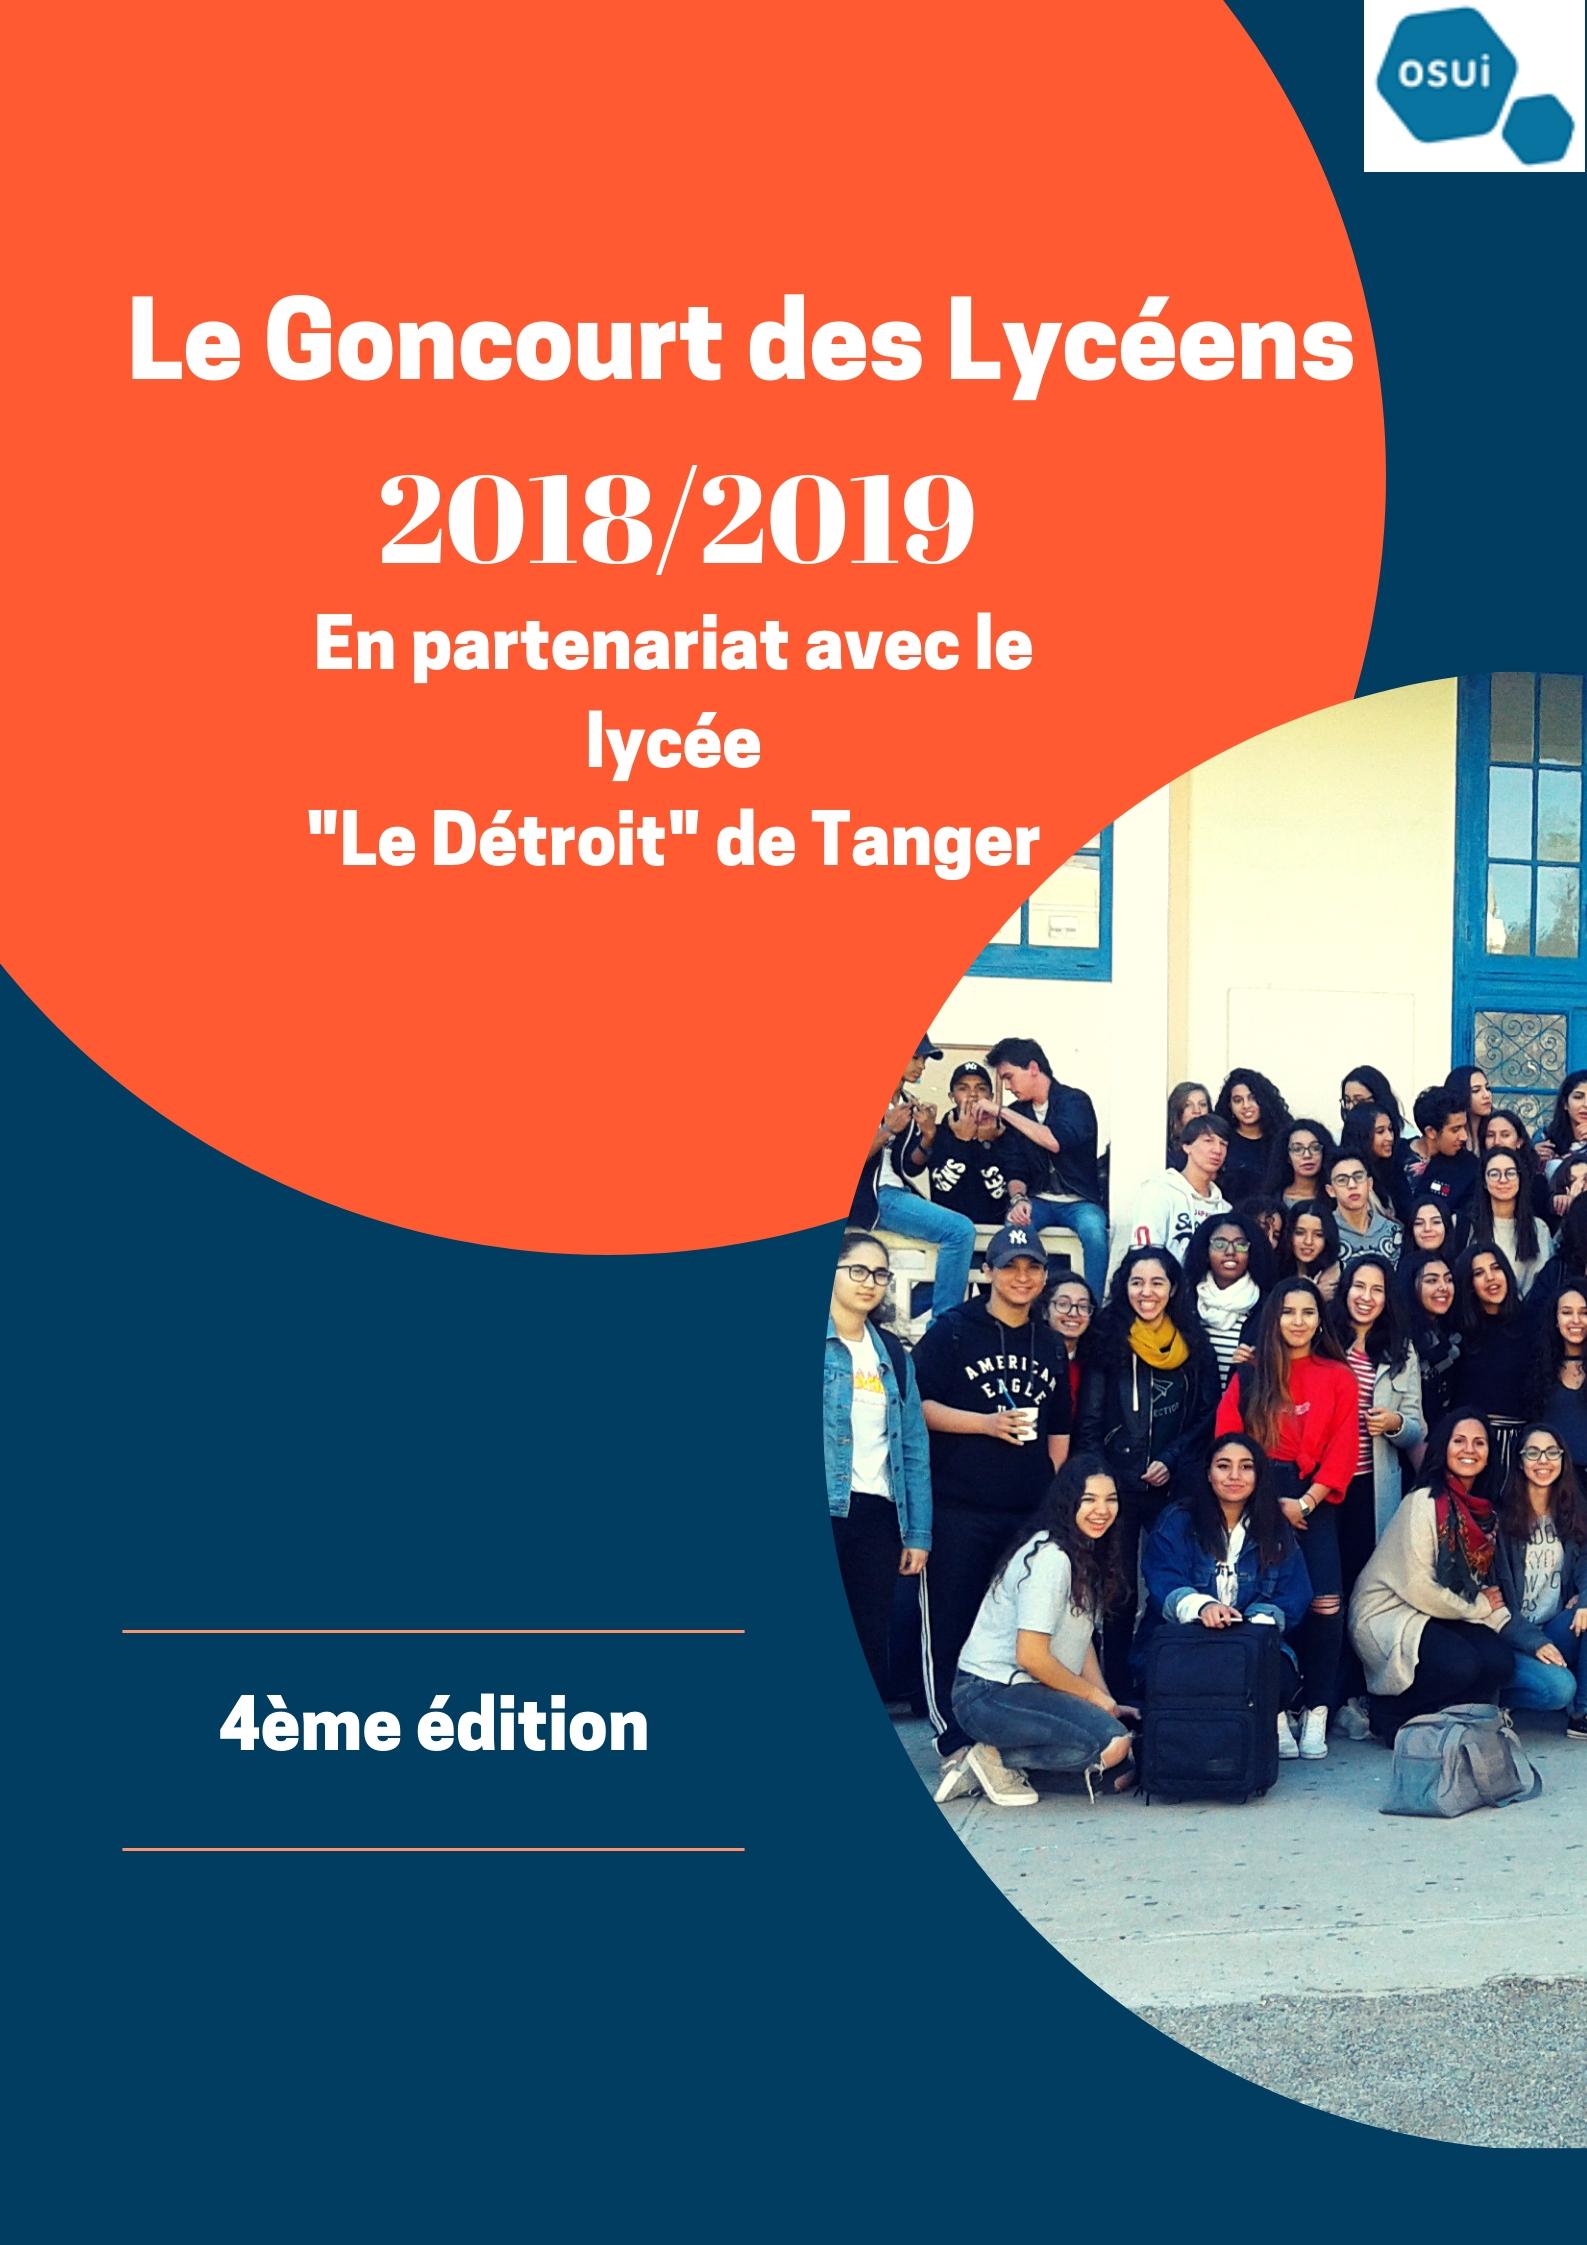 Goncourt des lycéens: top départ!!!